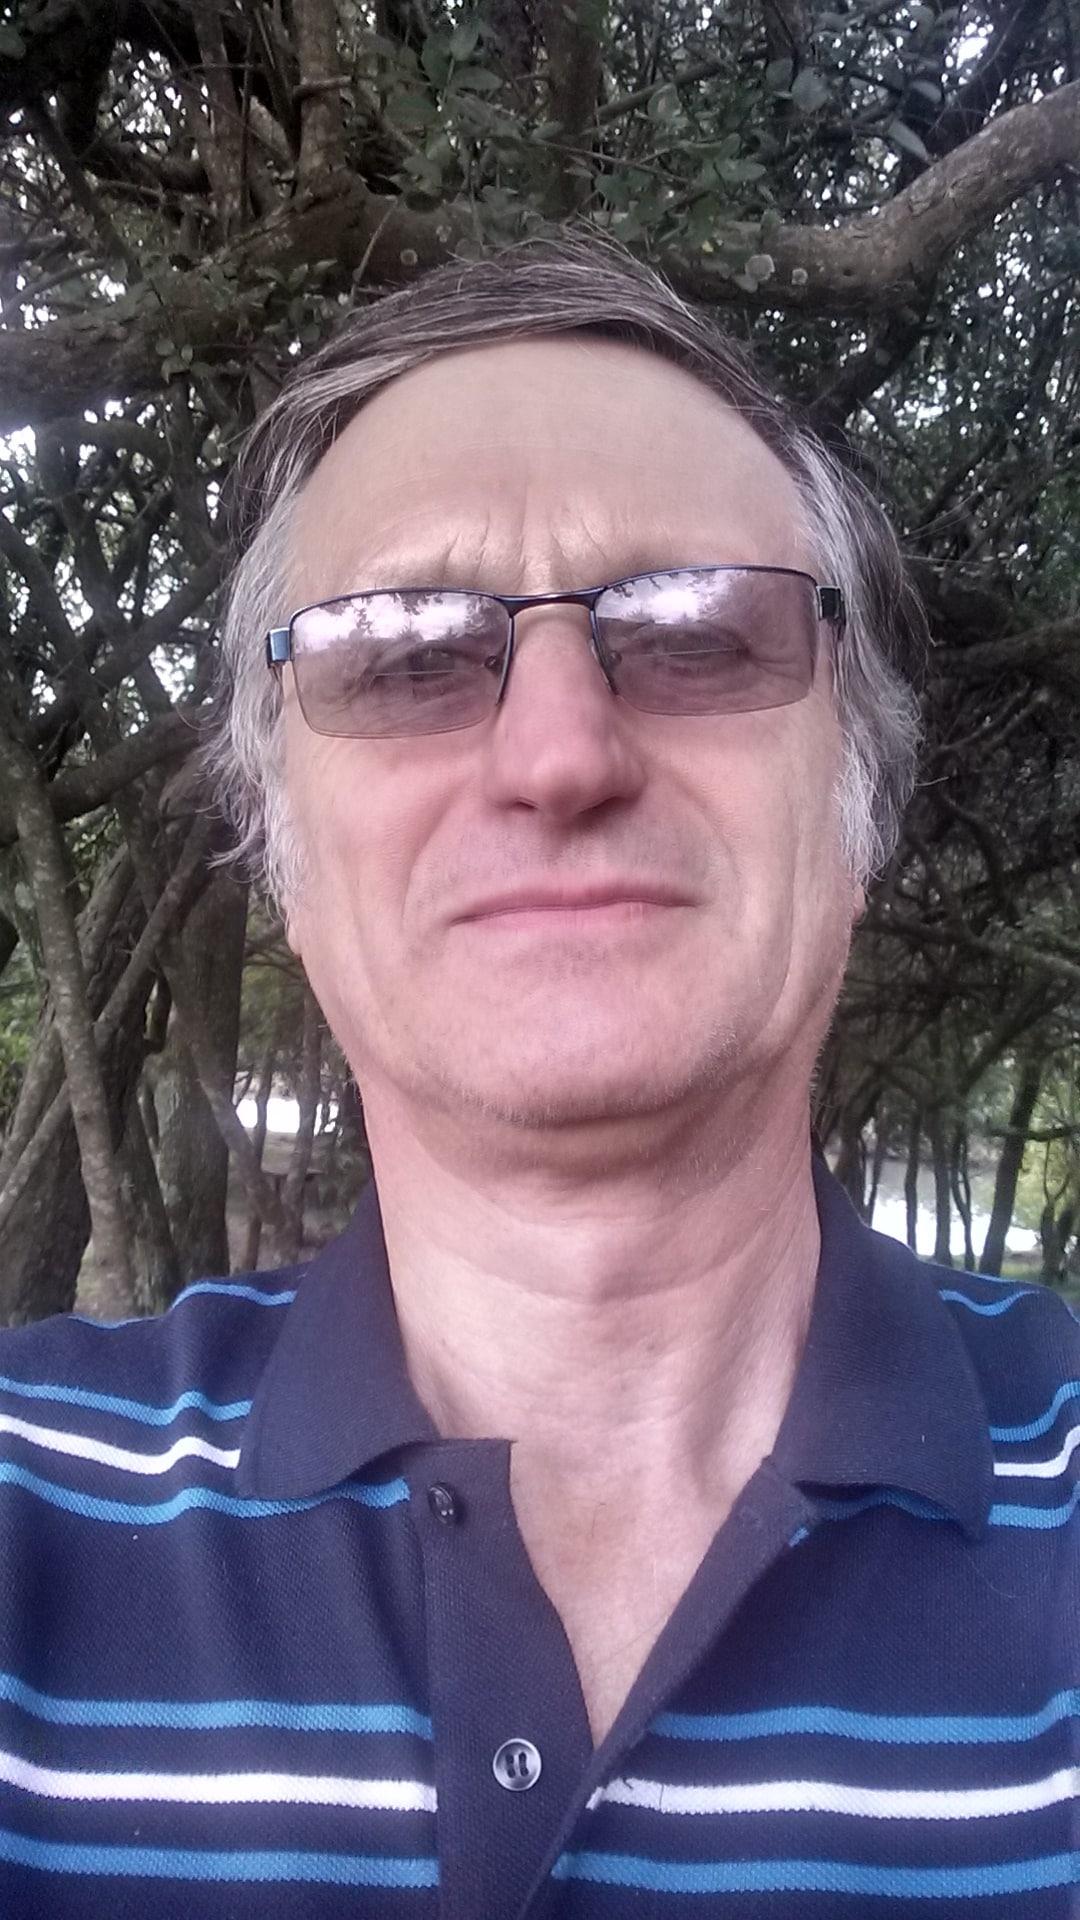 Daniel from Mar del Plata